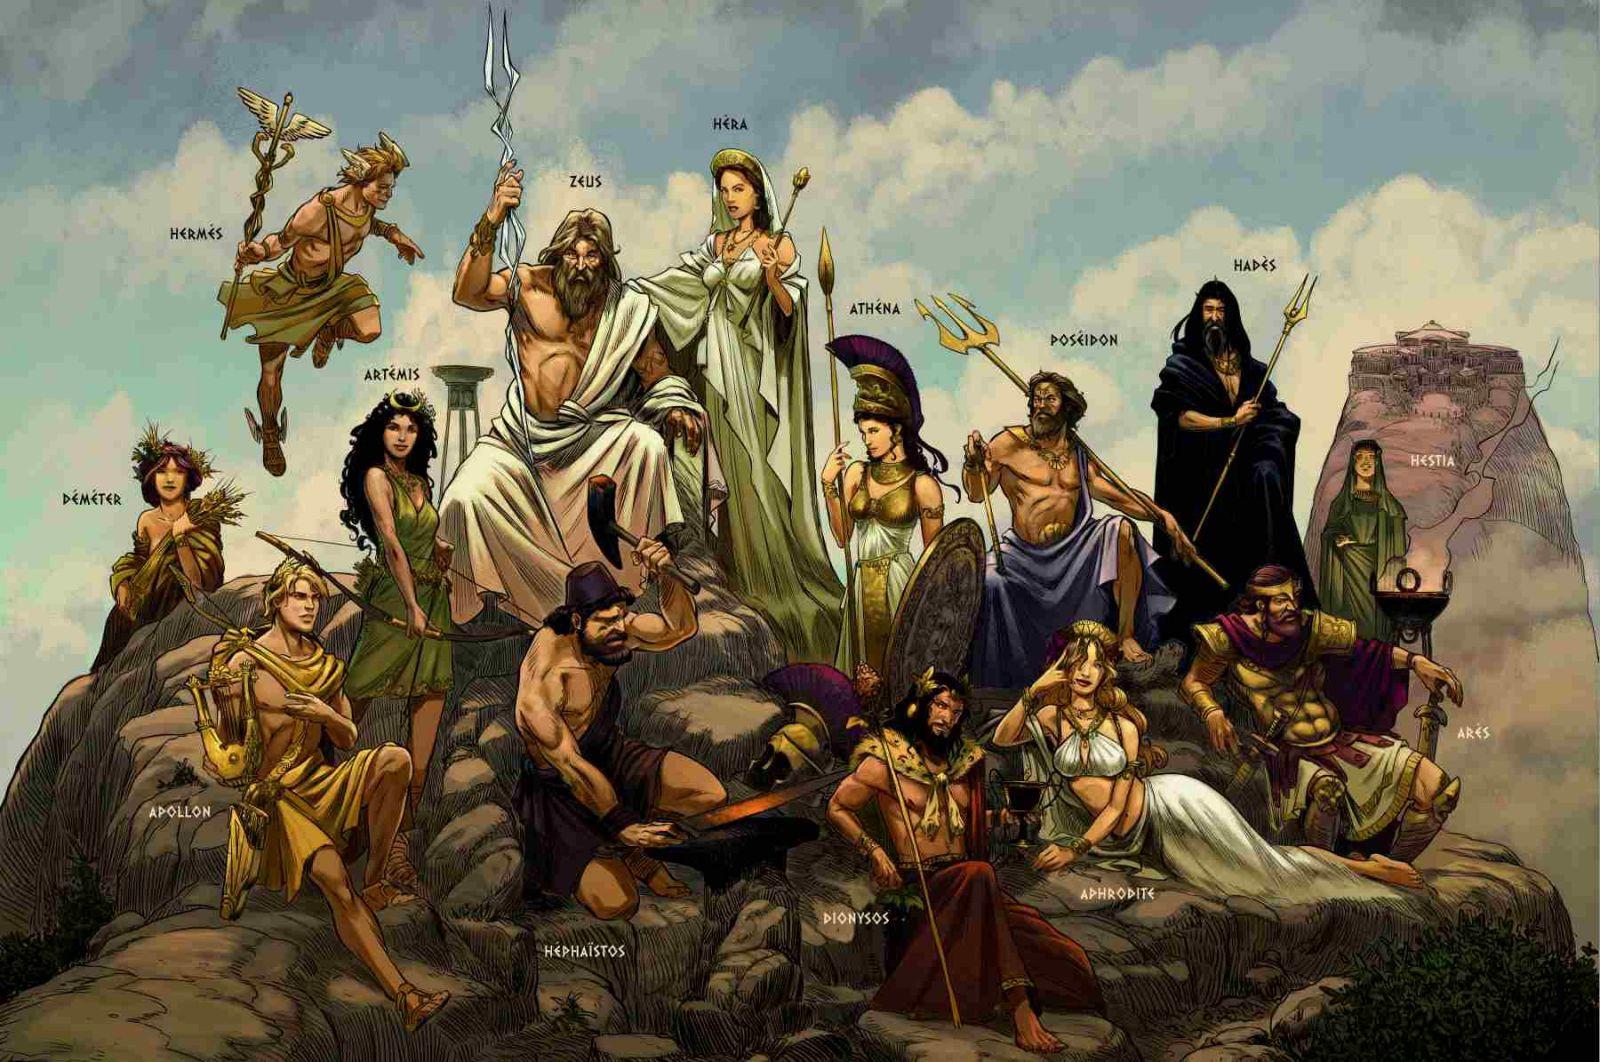 Quel dieu grec / romain est-ce ?